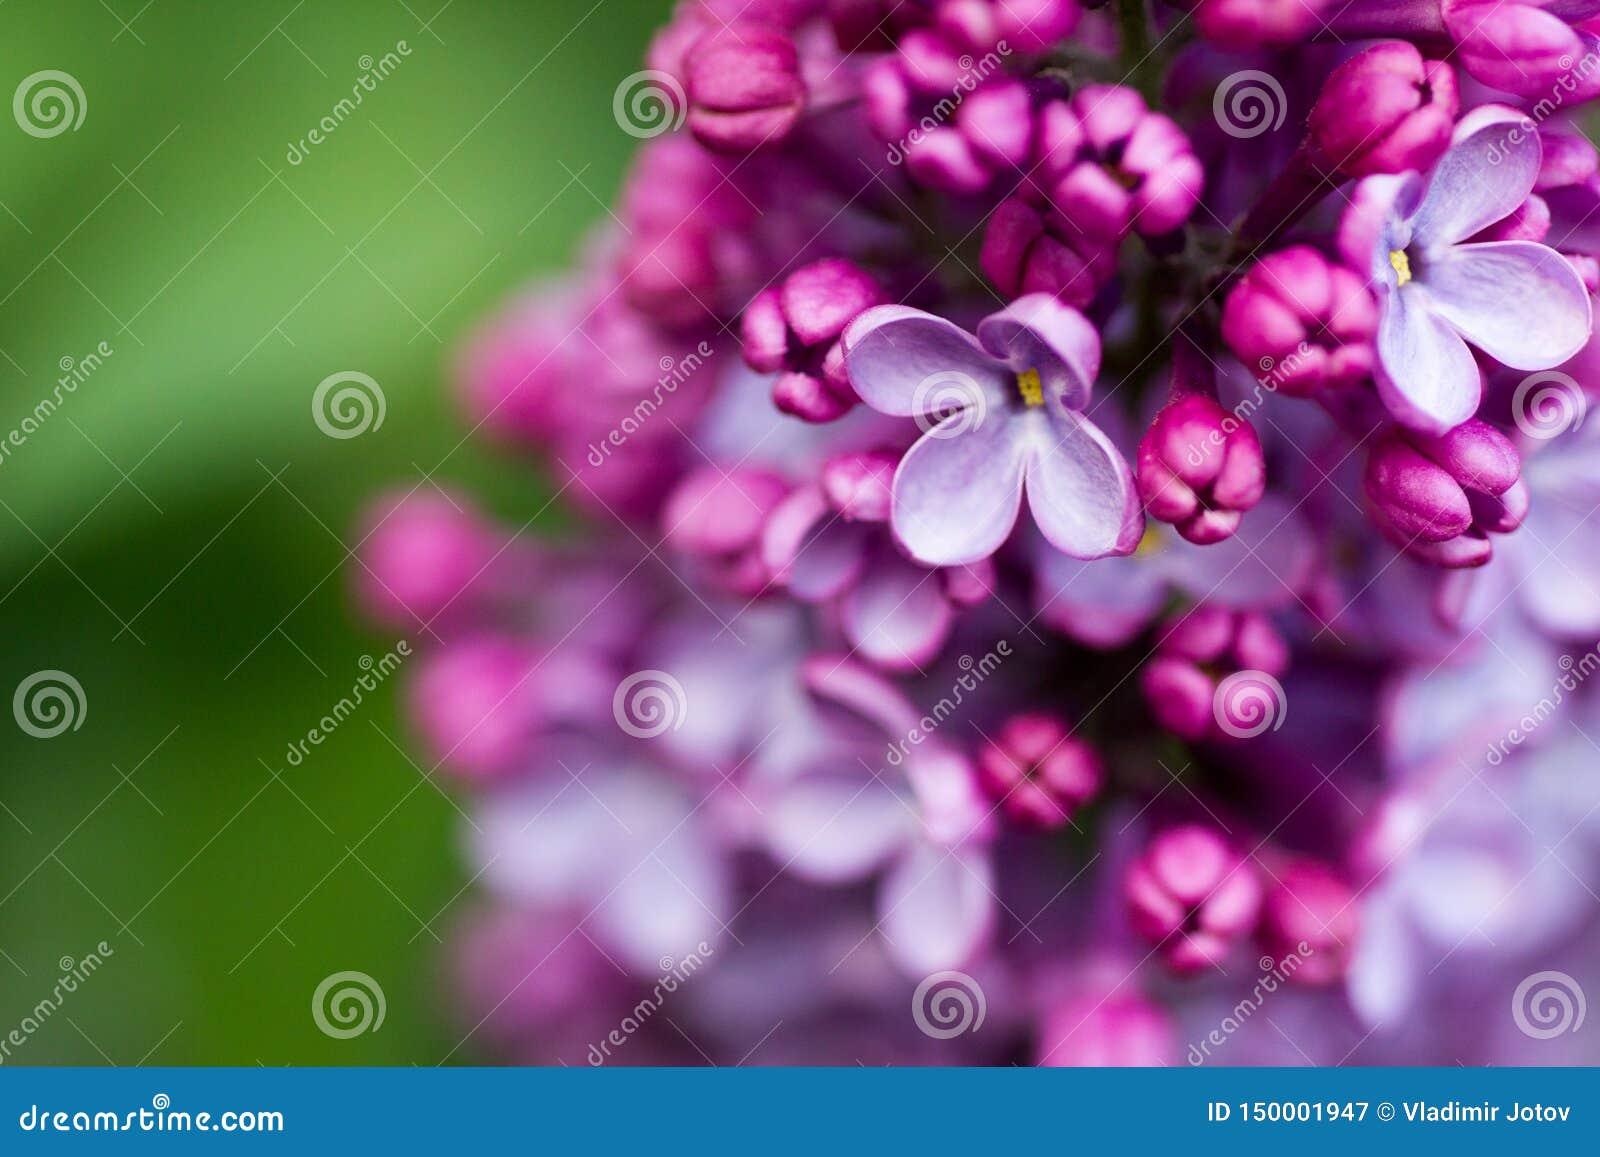 Ramo lilla fiori lilla sul ramo piccoli fiori lilla lilla